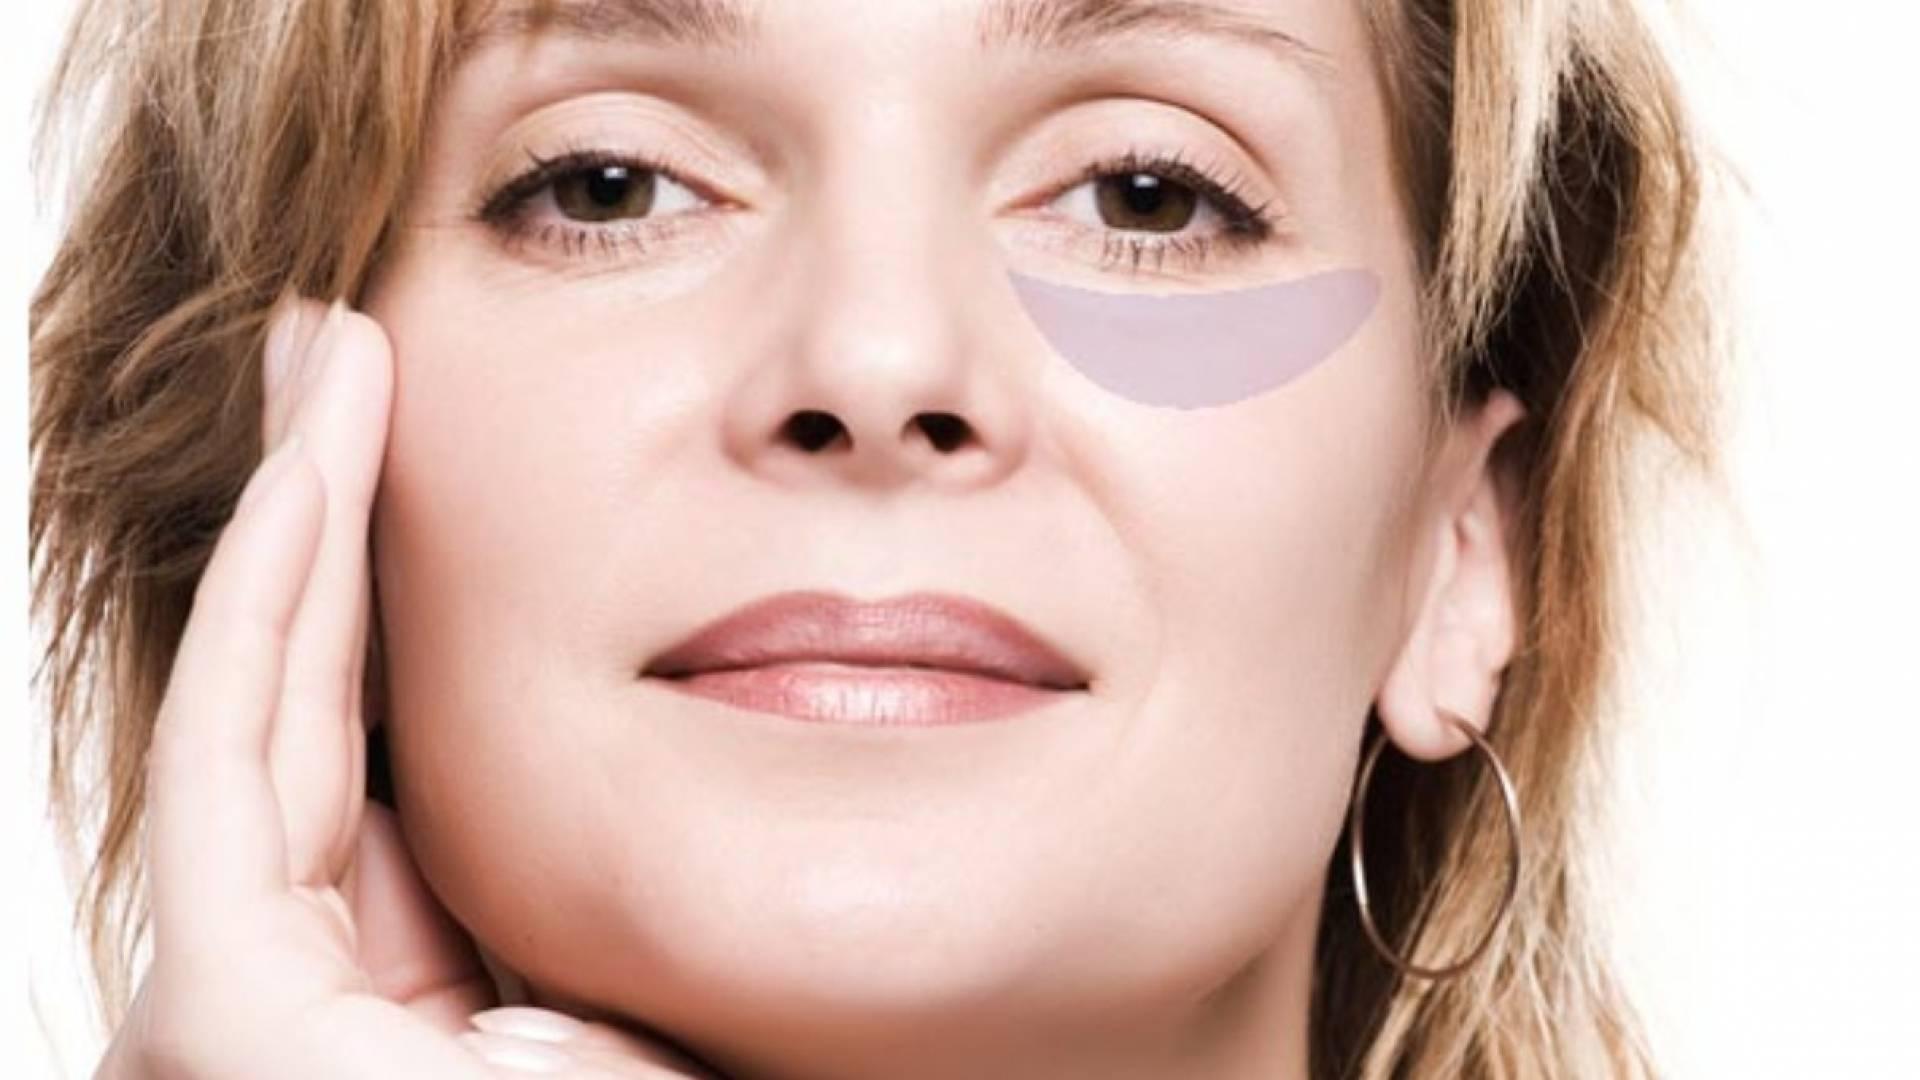 Мешки под глазами. причины патологии. как убрать мешки под глазами в домашних условиях?